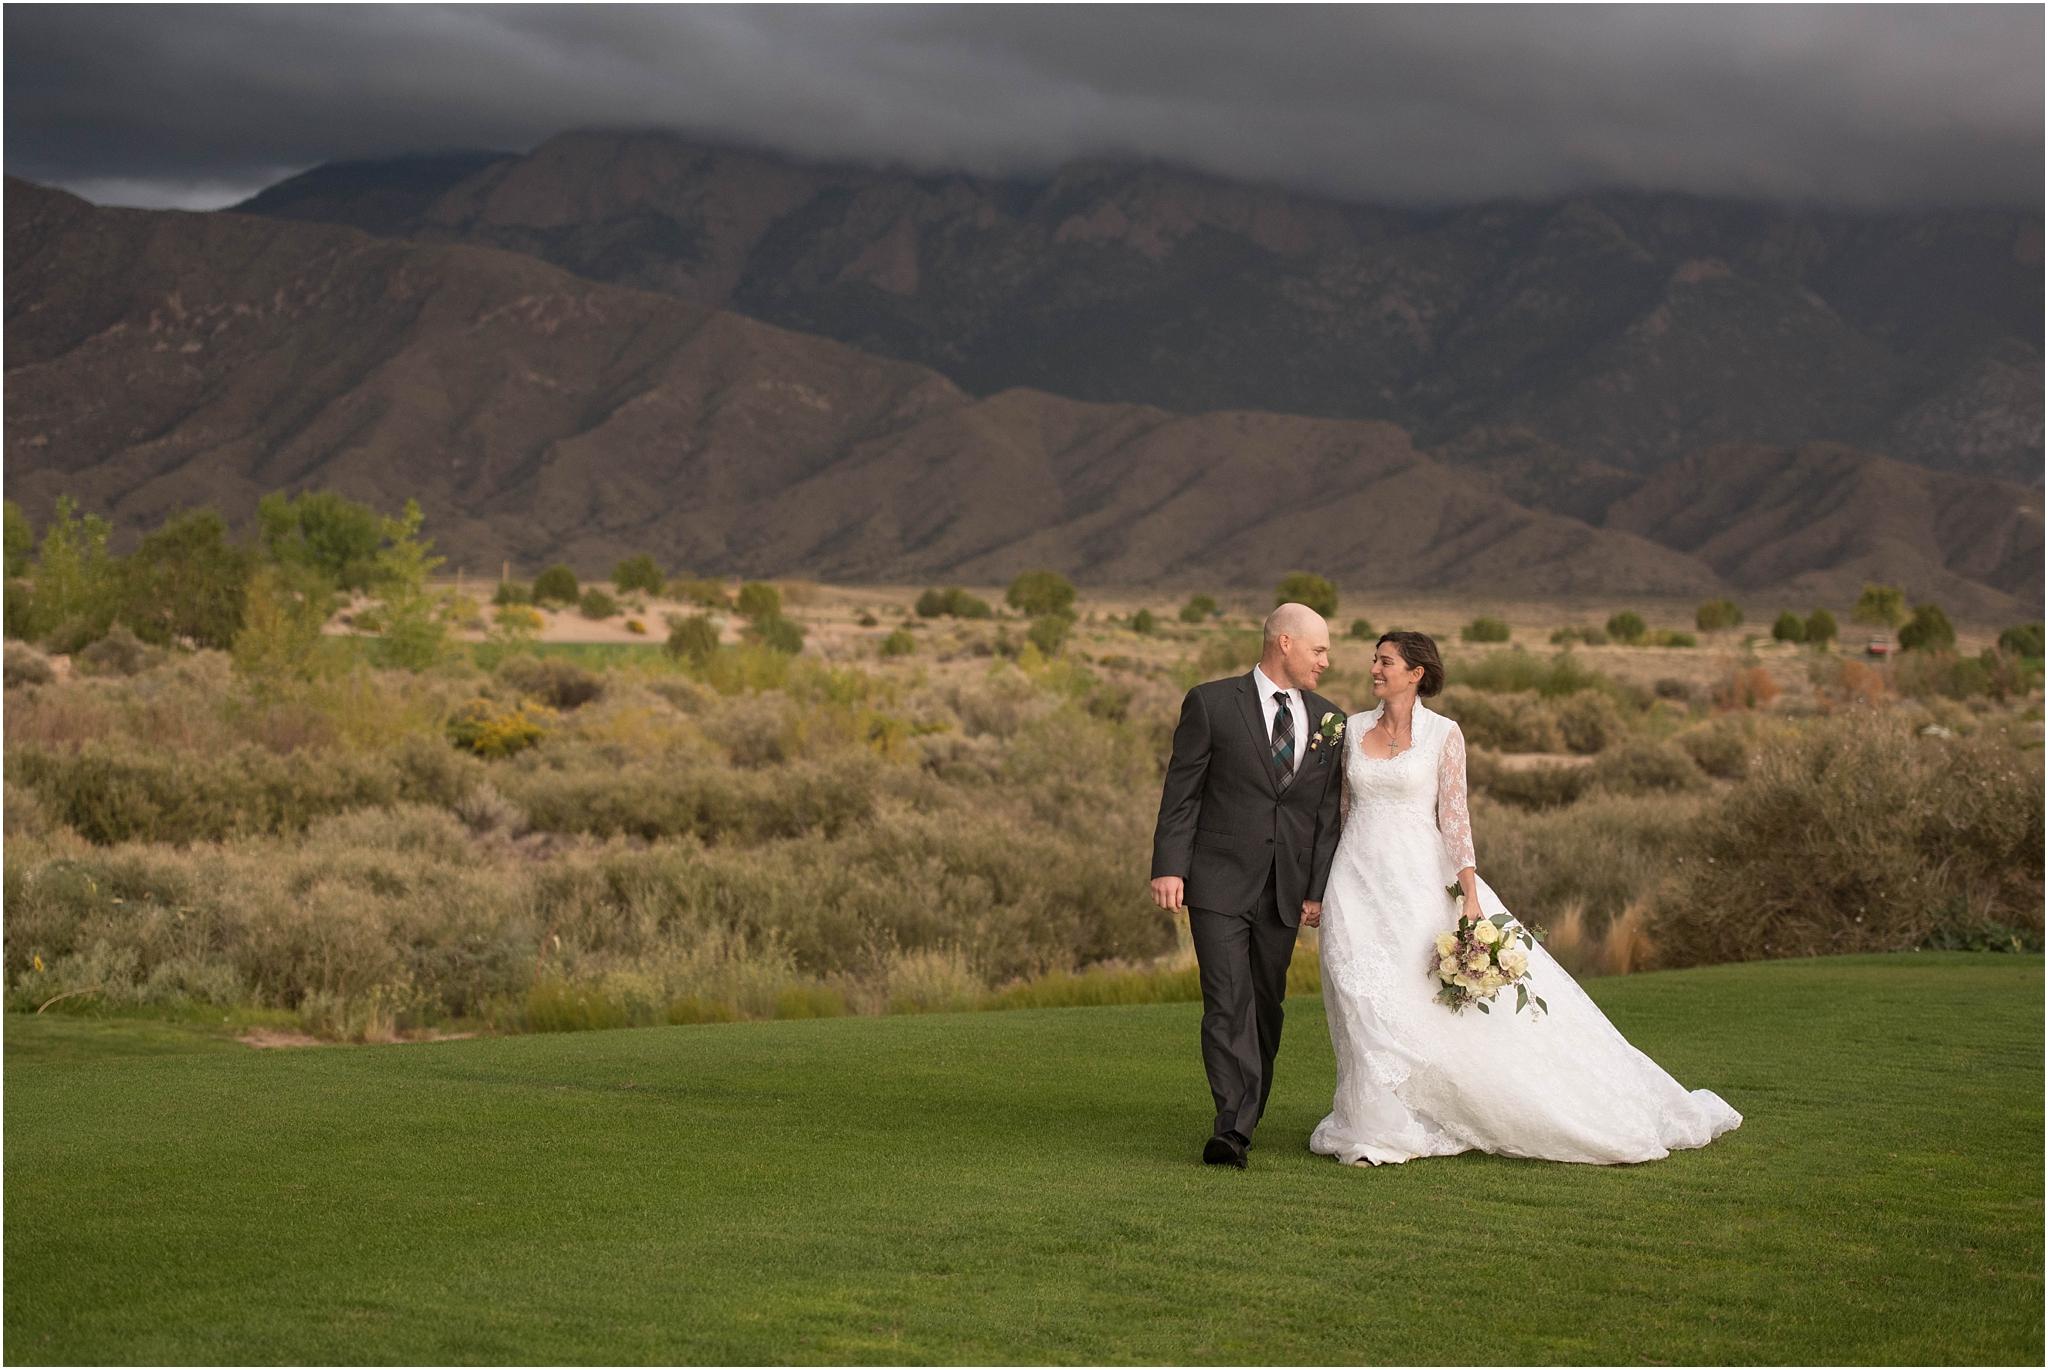 kayla kitts photography - new mexico wedding photographer - albuquerque botanic gardens - hotel albuquerque_0100.jpg